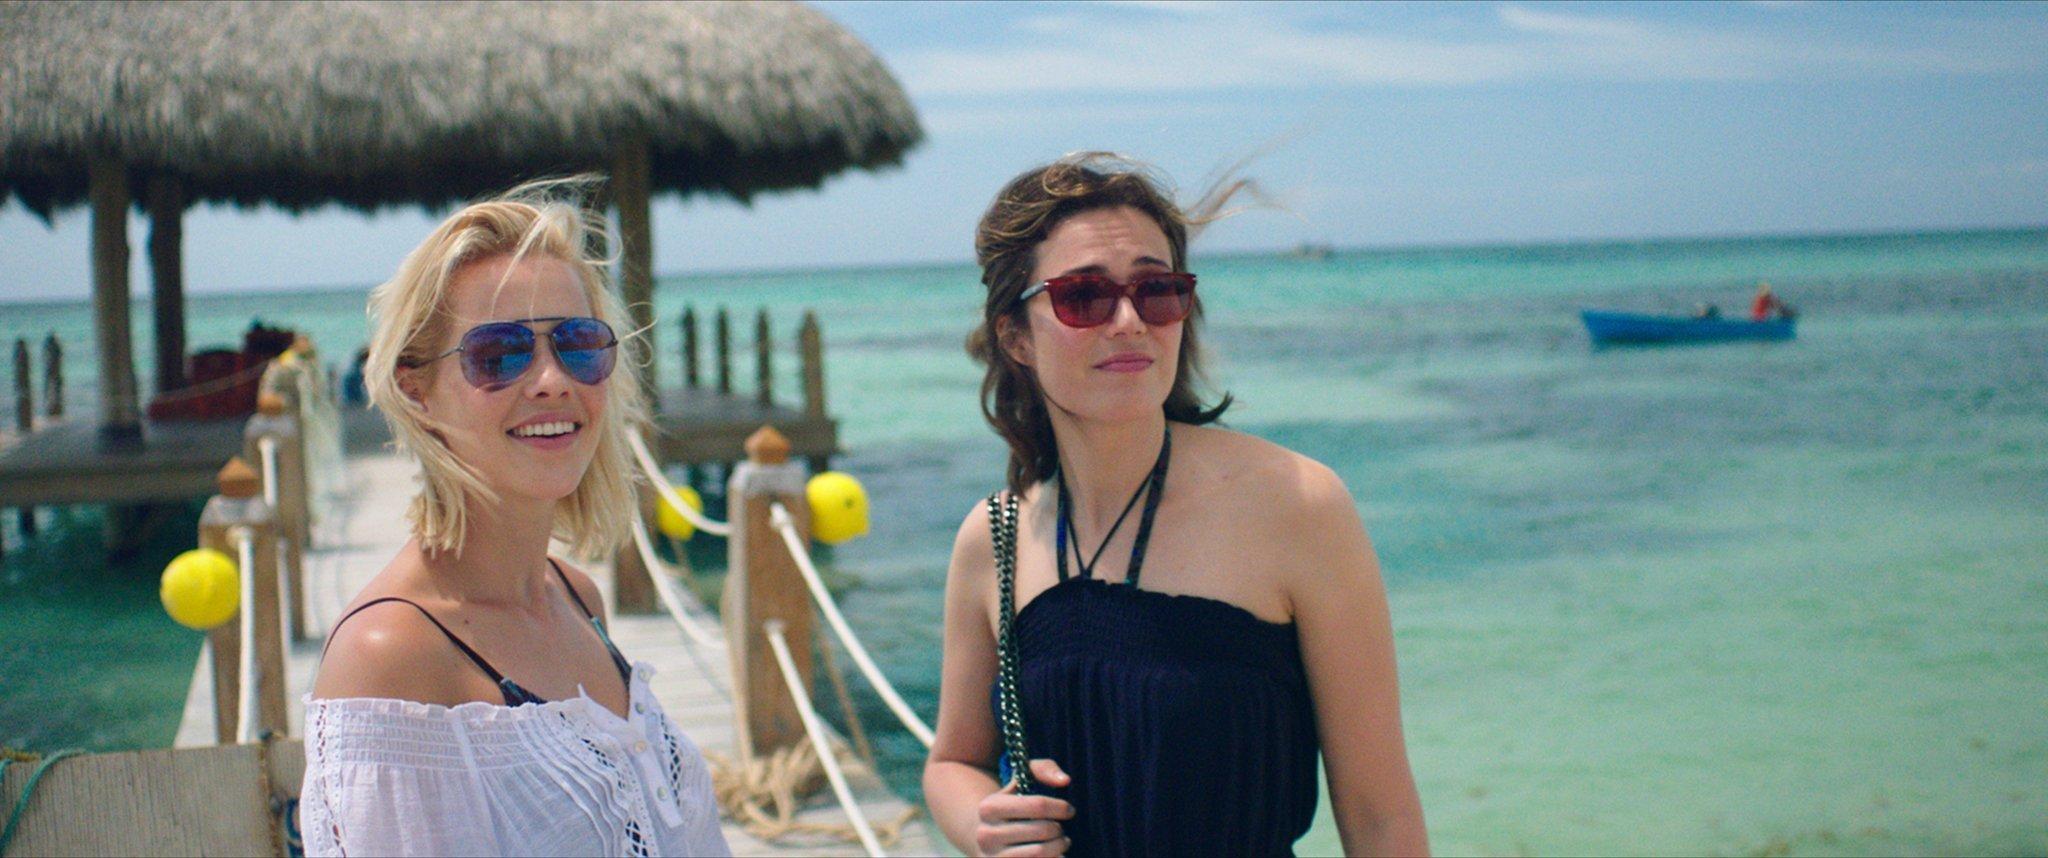 Photo du film 47 Meters Down avec les deux soeurs